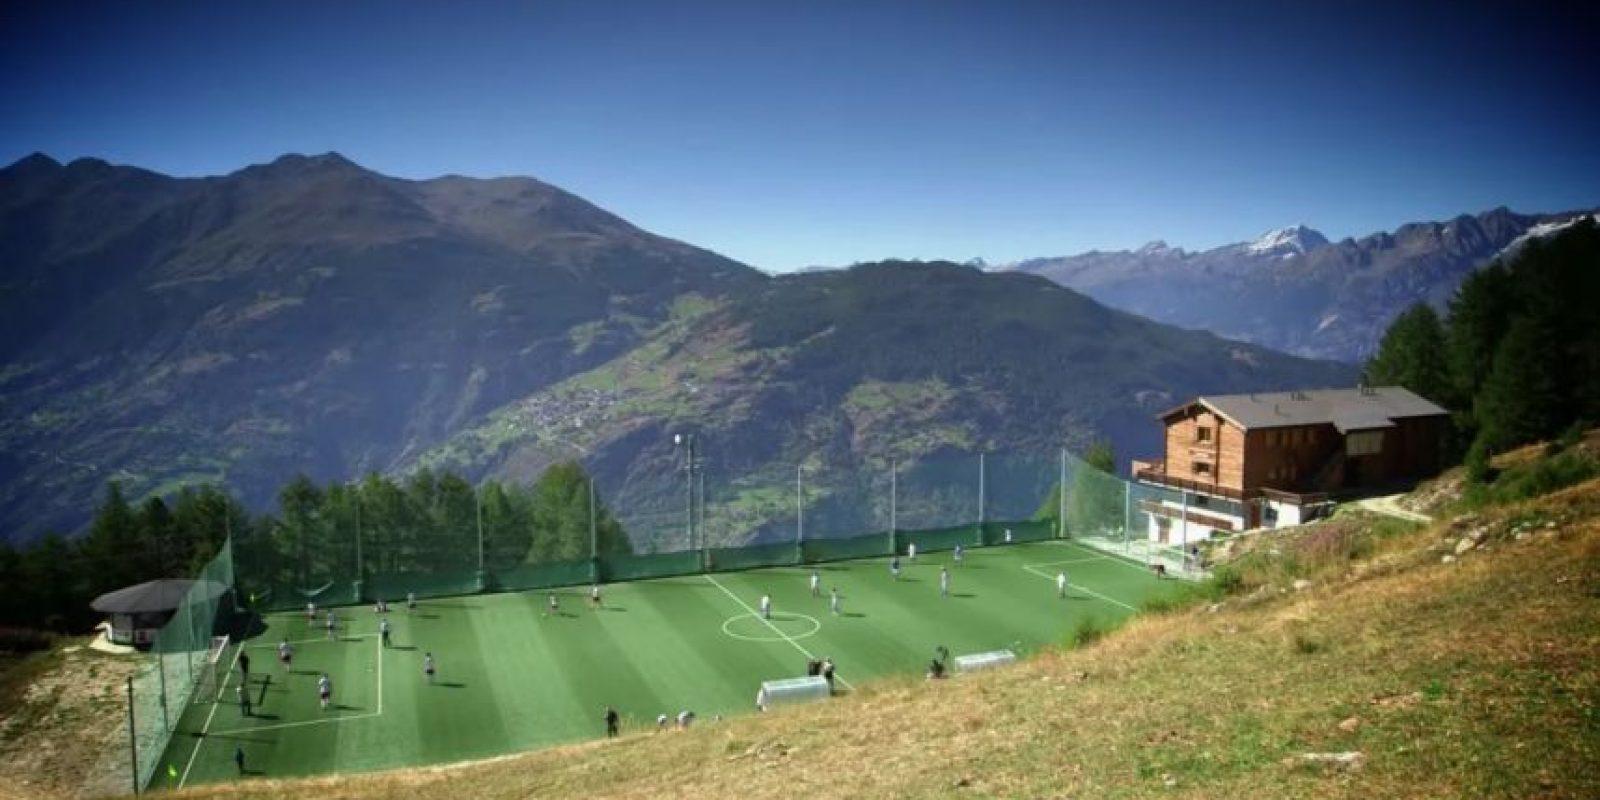 Estadio Ottmar Hitzfeld (Suiza). Llevando el nombre del histórico jugador alemán del Basilea, donde obtuvo dos torneos locales, el estadio suizo es el que se encuentra a mayor altura en Europa. Hay que tomar un teleférico para llegar a los 2000 metros. Foto:Captura de pantalla